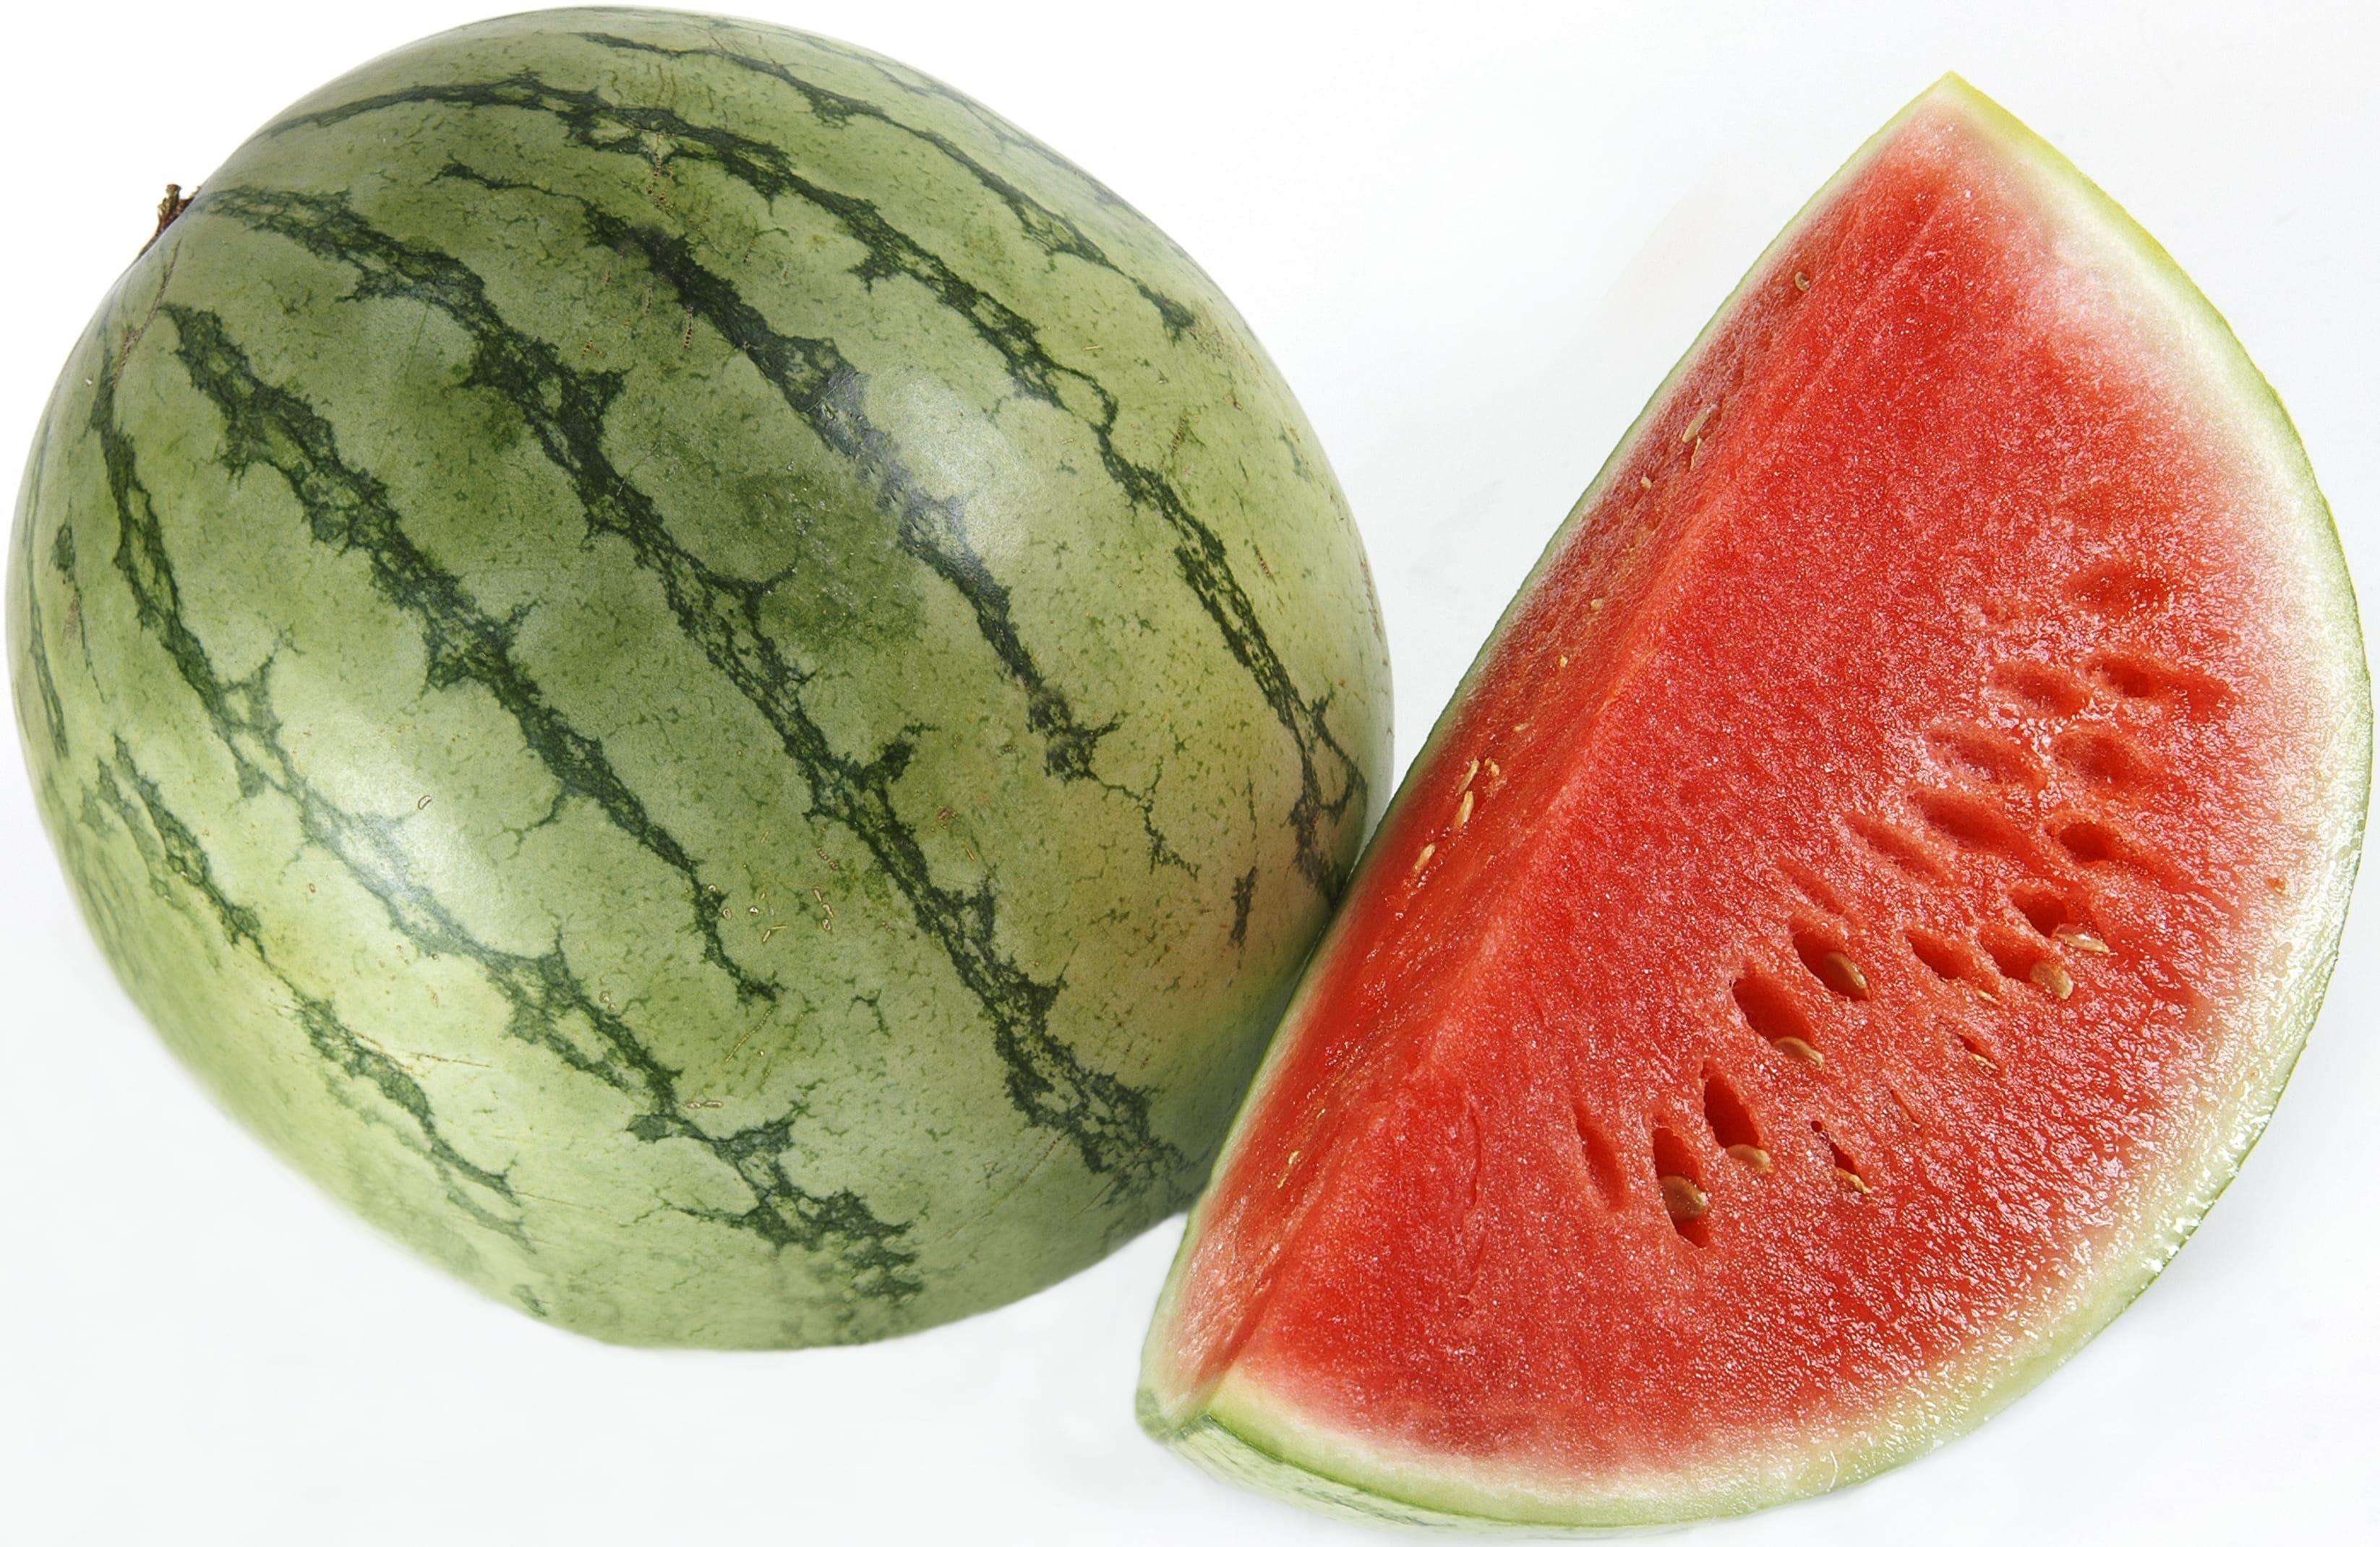 vad kostar vattenmelon